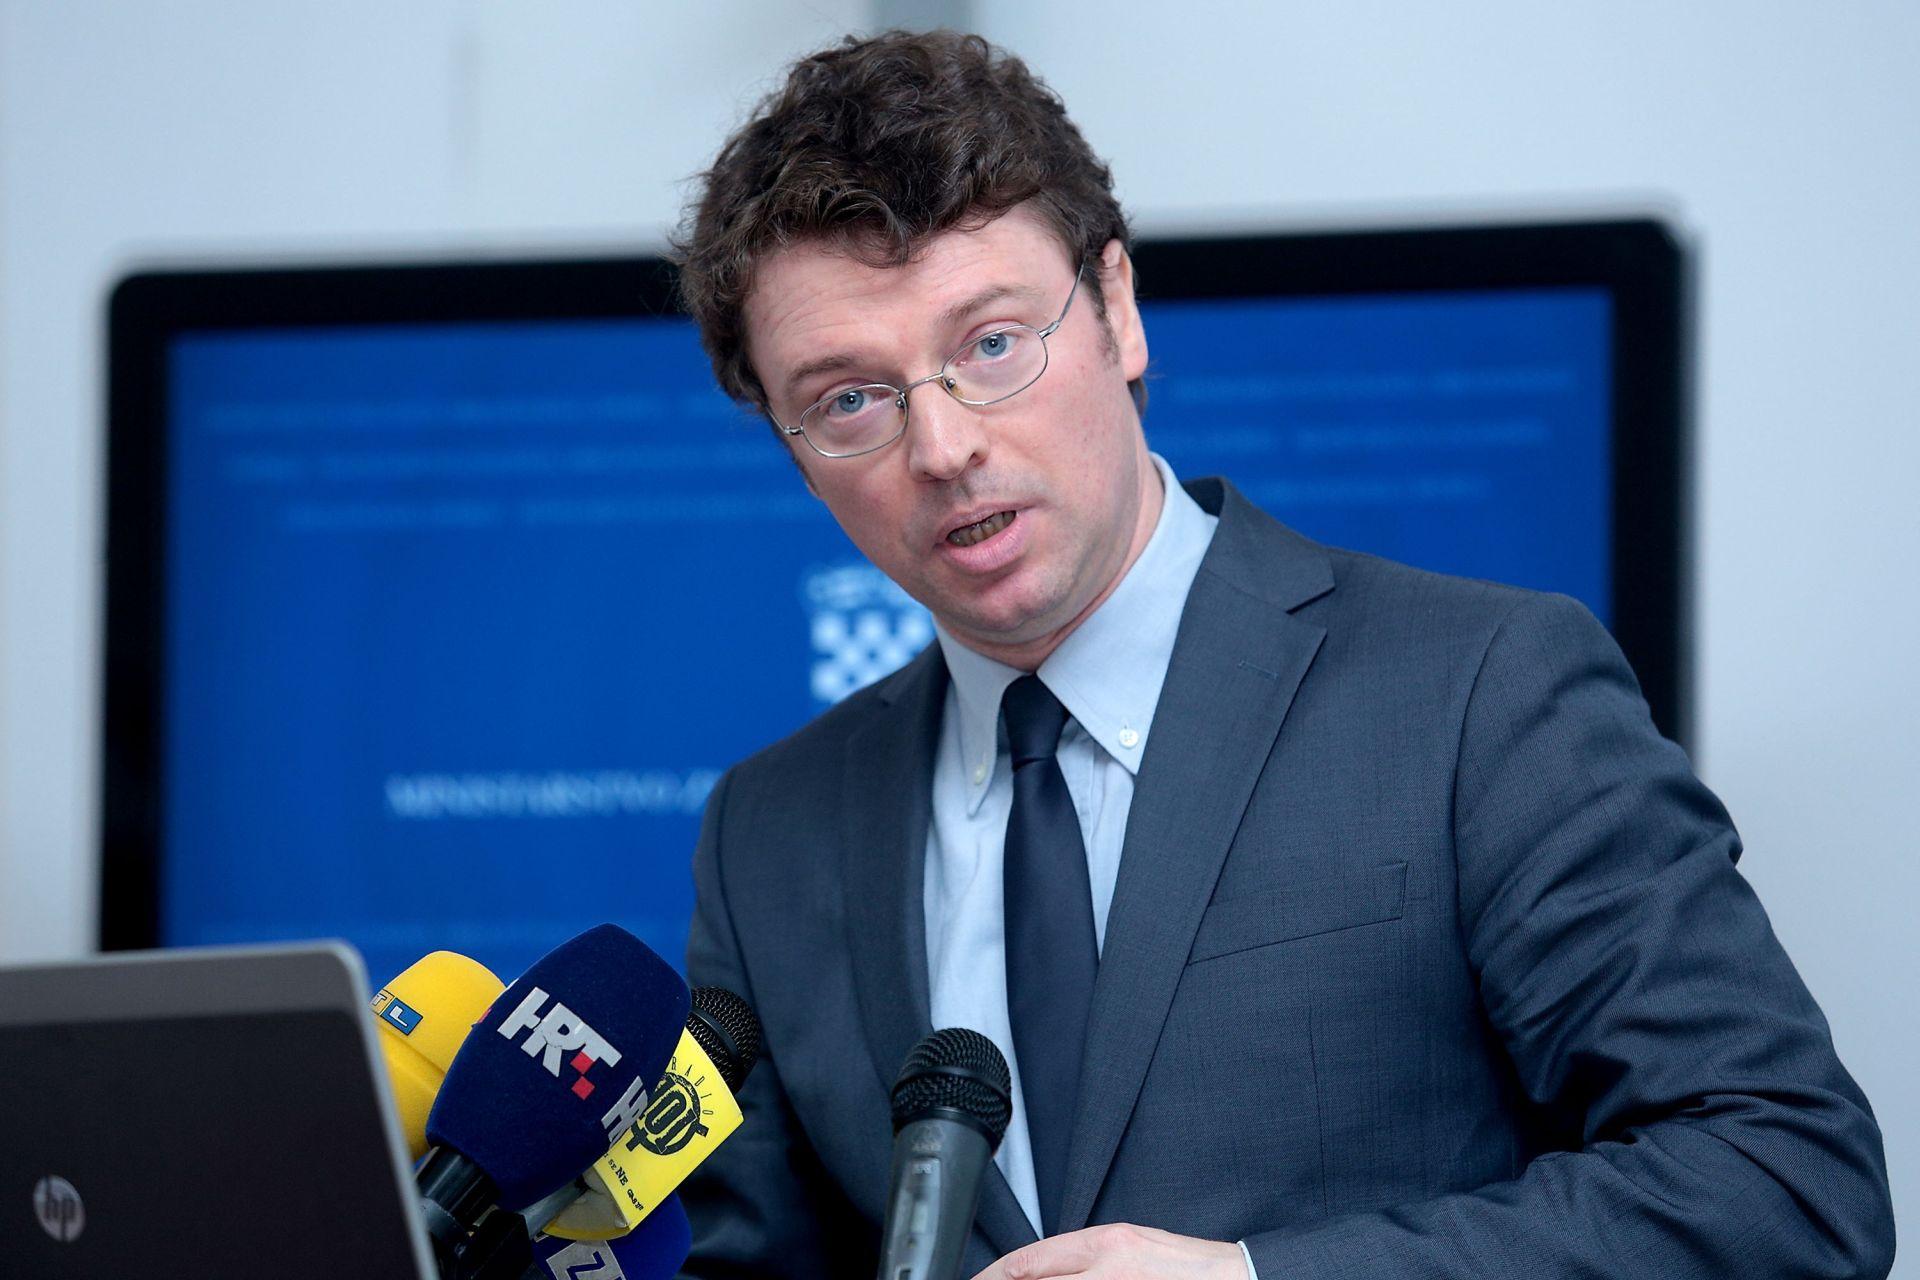 MINISTAR ŠUSTAR: U reformu obrazovanja uključiti i hrvatske kolege iz BiH